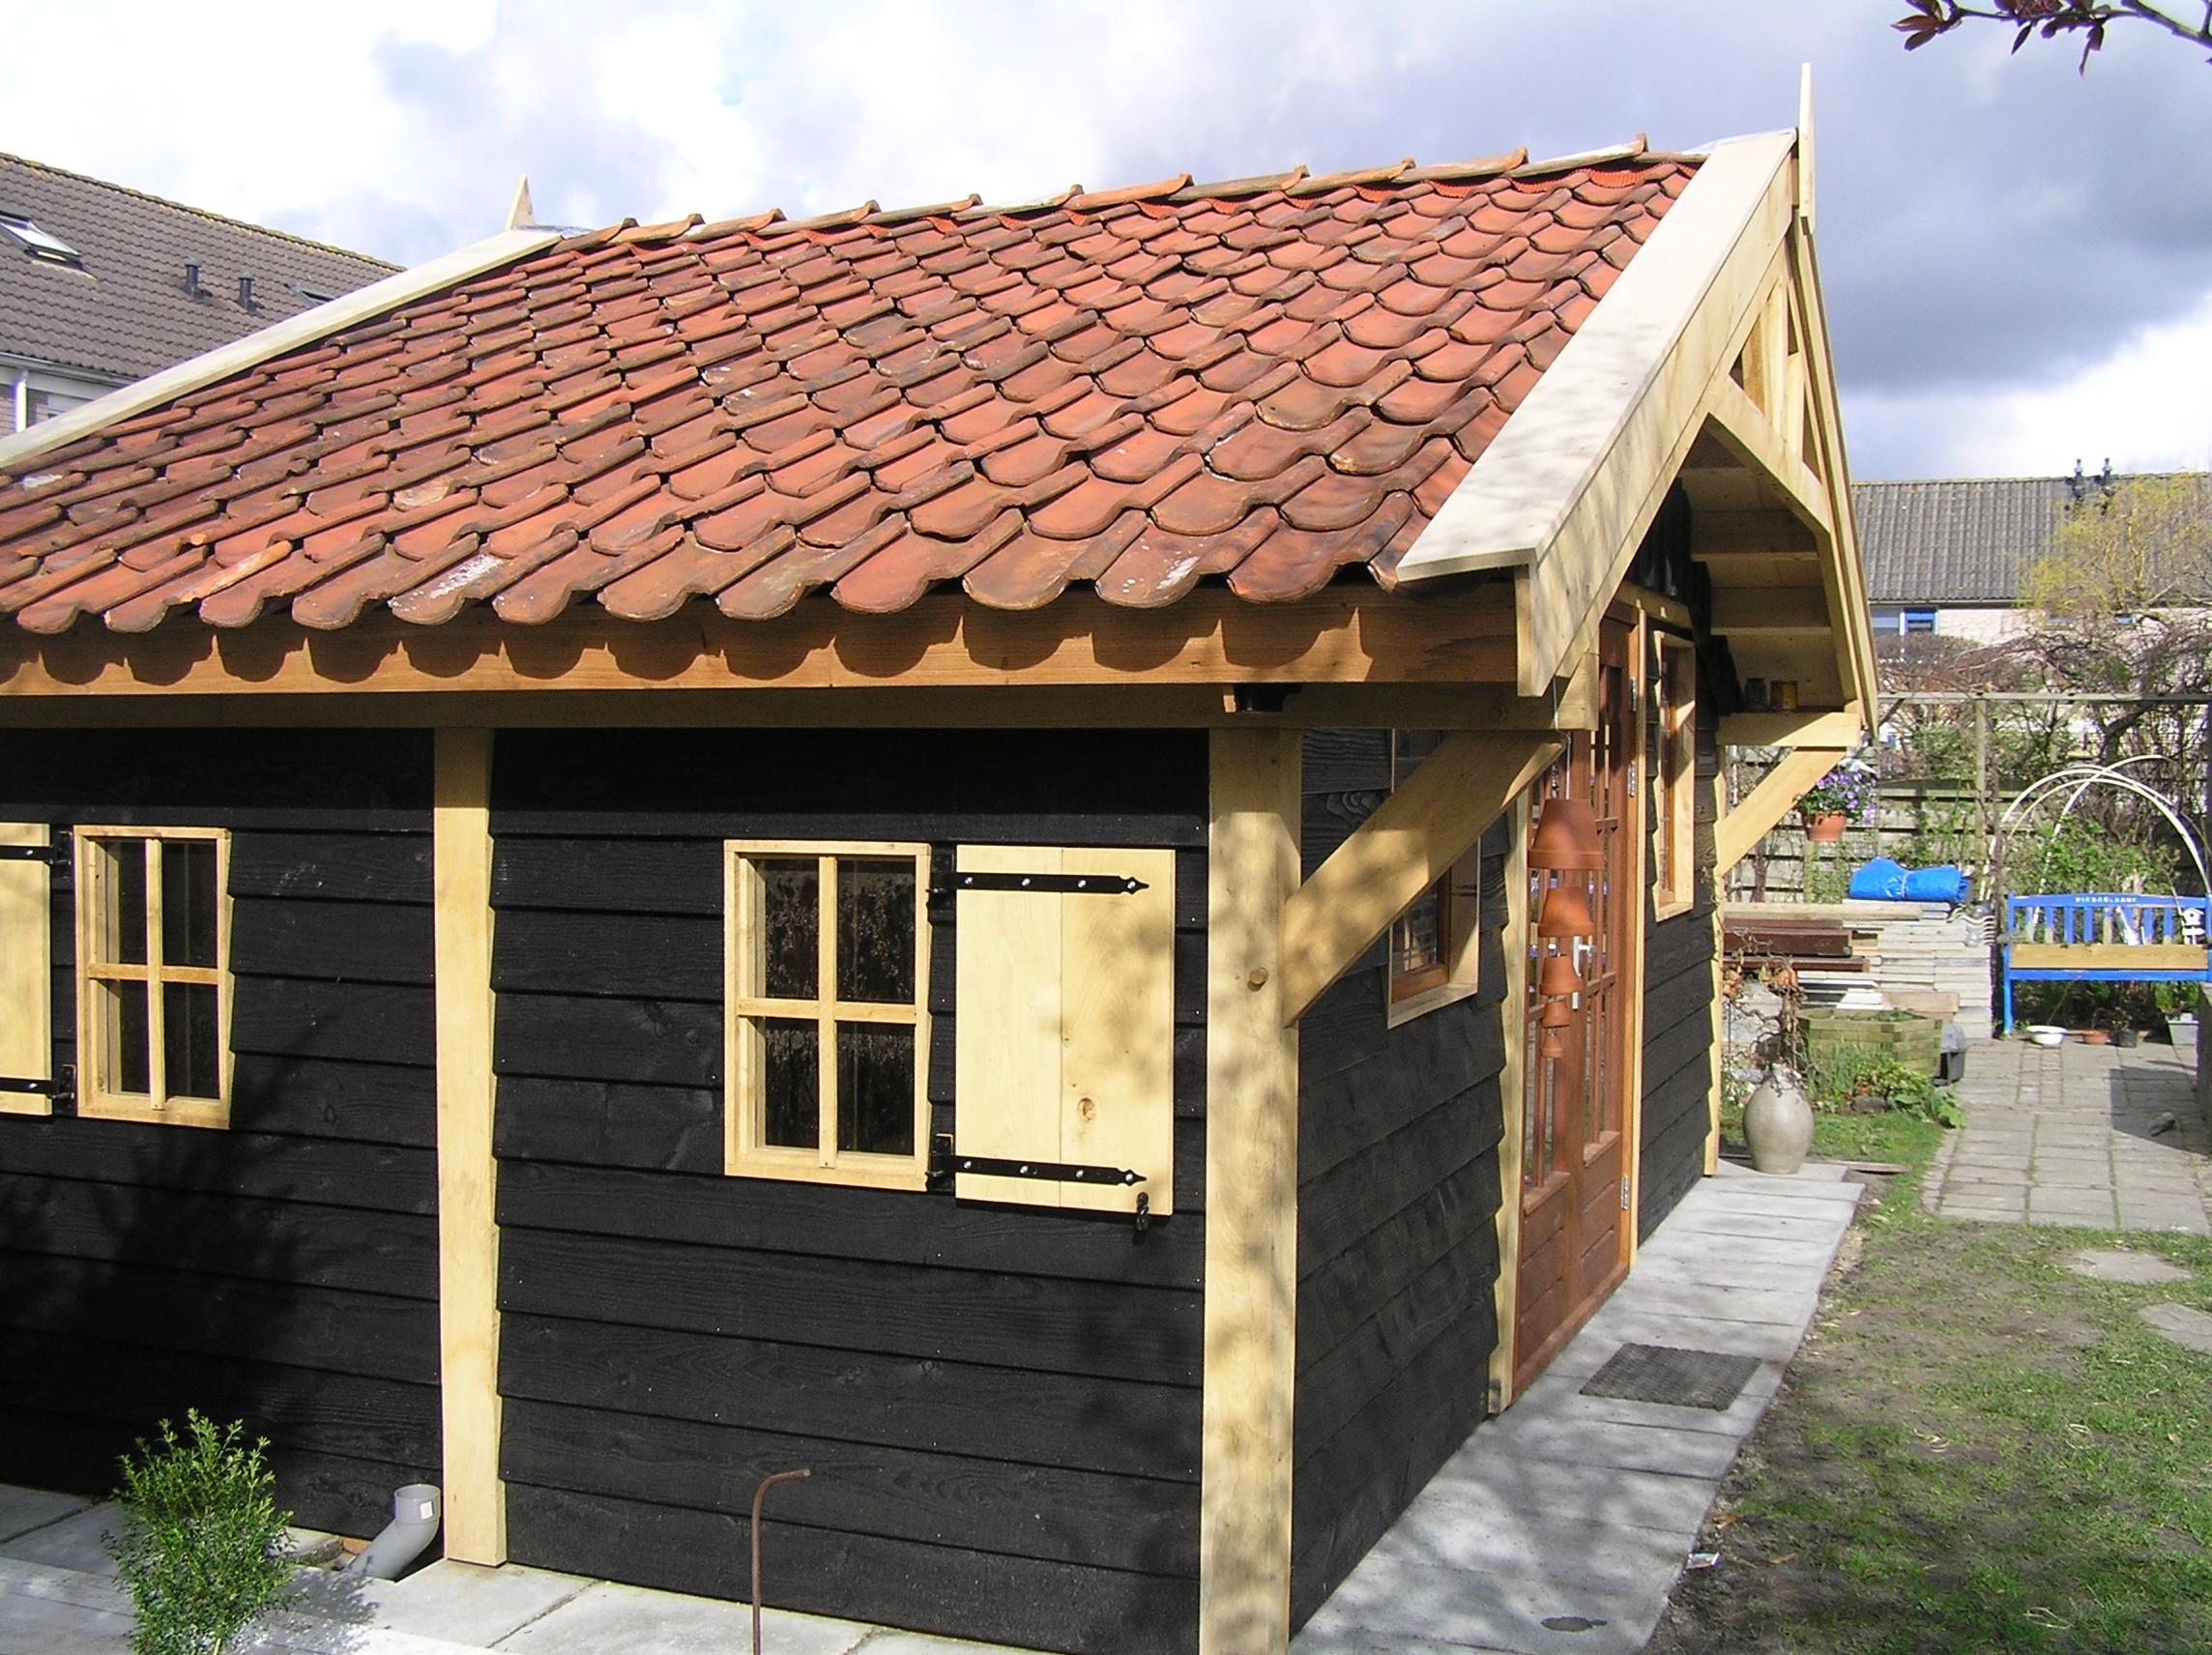 exclusief_tuinpaviljoen - Heerlijk wegdromen in de prachtige houten tuinpaviljoen 'marqués'.